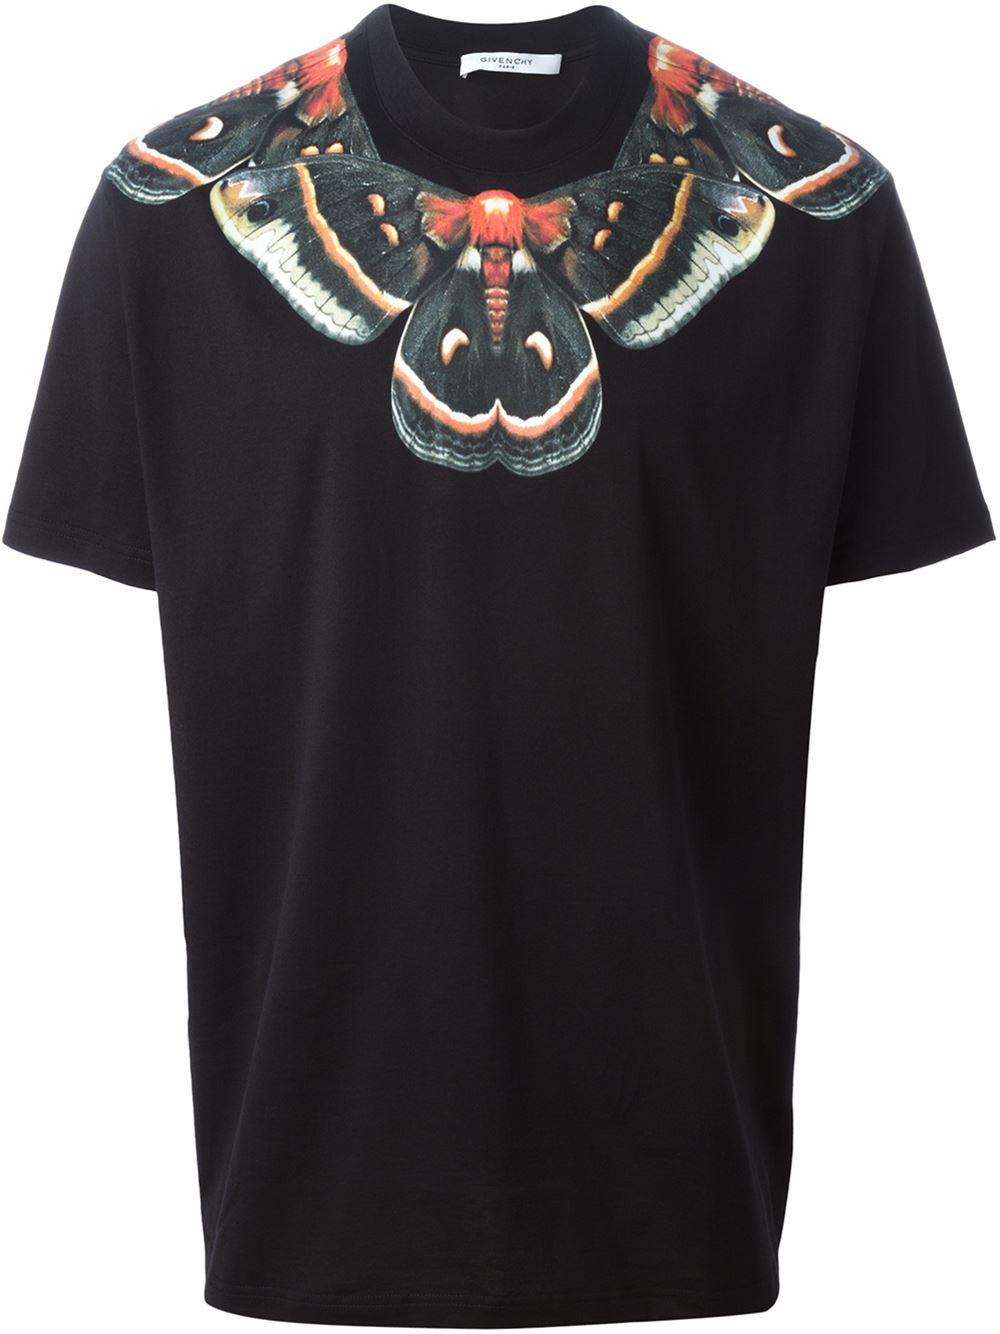 lyst givenchy moth print t shirt in black for men. Black Bedroom Furniture Sets. Home Design Ideas